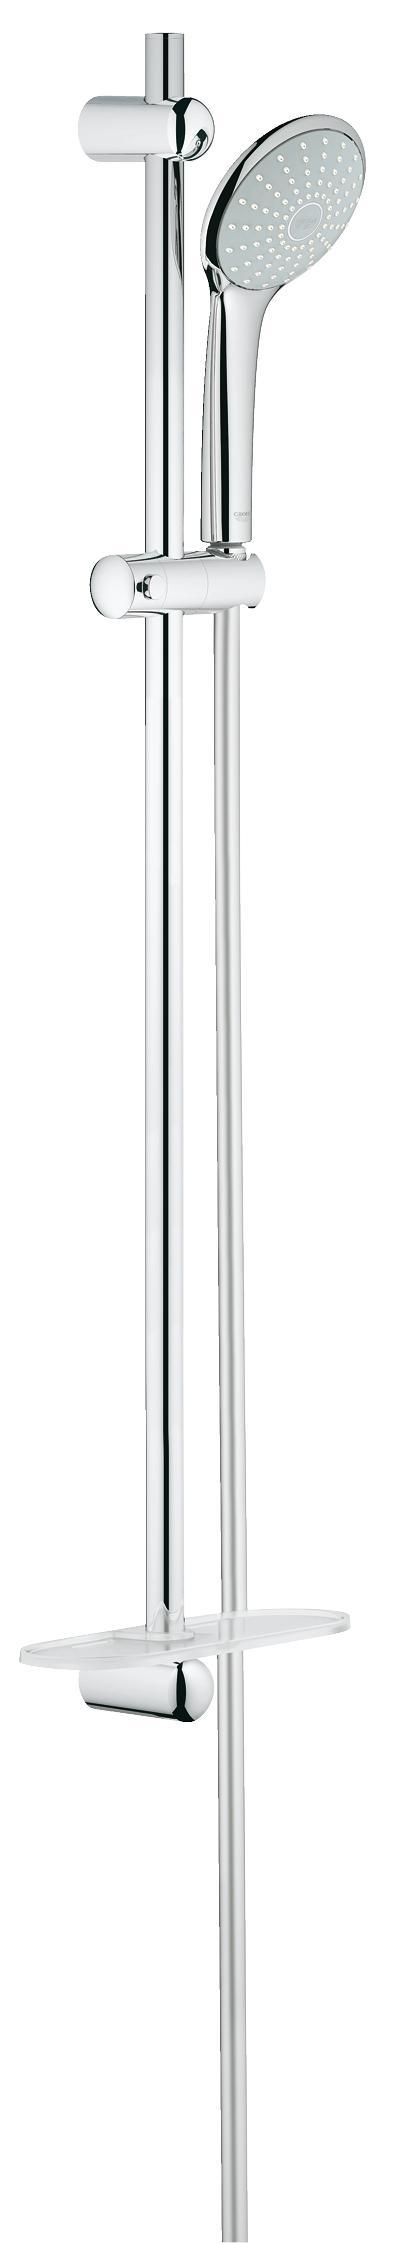 Душевой гарнитур Grohe 27267001 душевой трап pestan square 3 150 мм 13000007